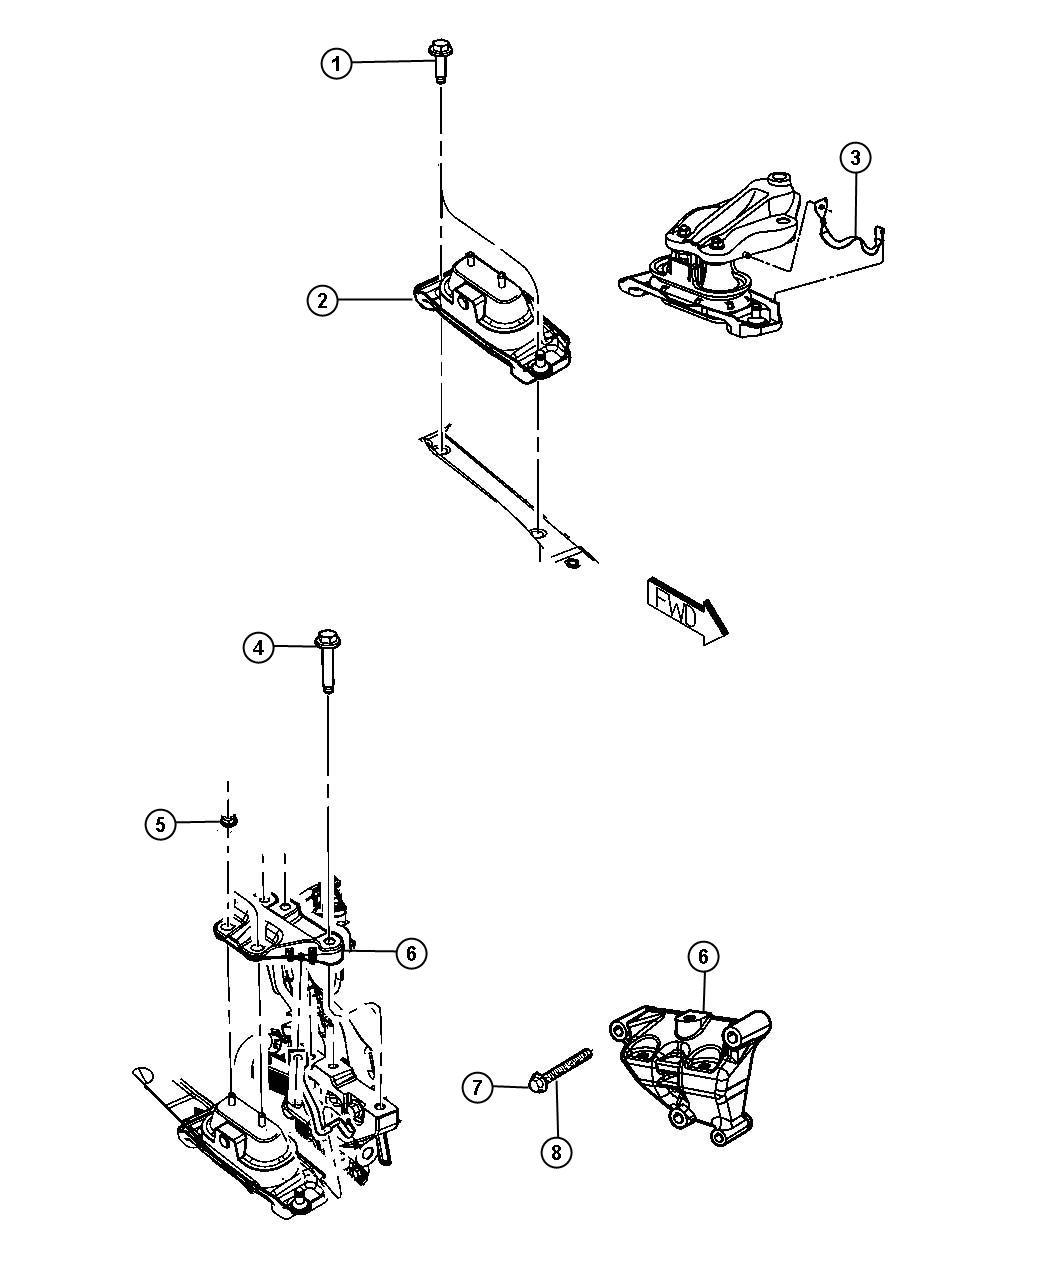 2008 Volvo S40 Rear Suspension Diagram Com